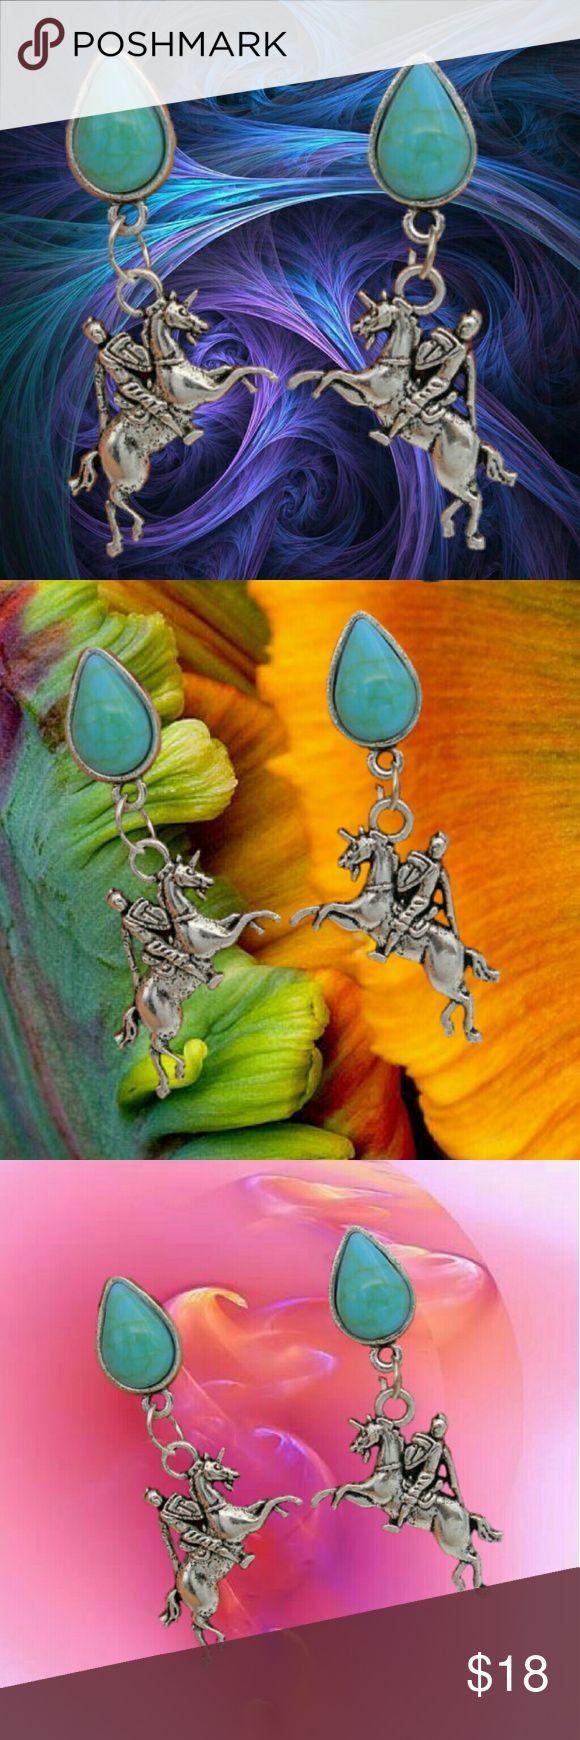 """1.8"""" Punk Horse Knight Waterdrop Pierced Earrings 1.8"""" Punk Horse Knight Waterdrop Pierced Earrings   1.8"""" Punk Horse Knight Waterdrop?Pierced Earrings   Materials: Alloy, Resin  . 7R . Jewelry Earrings"""